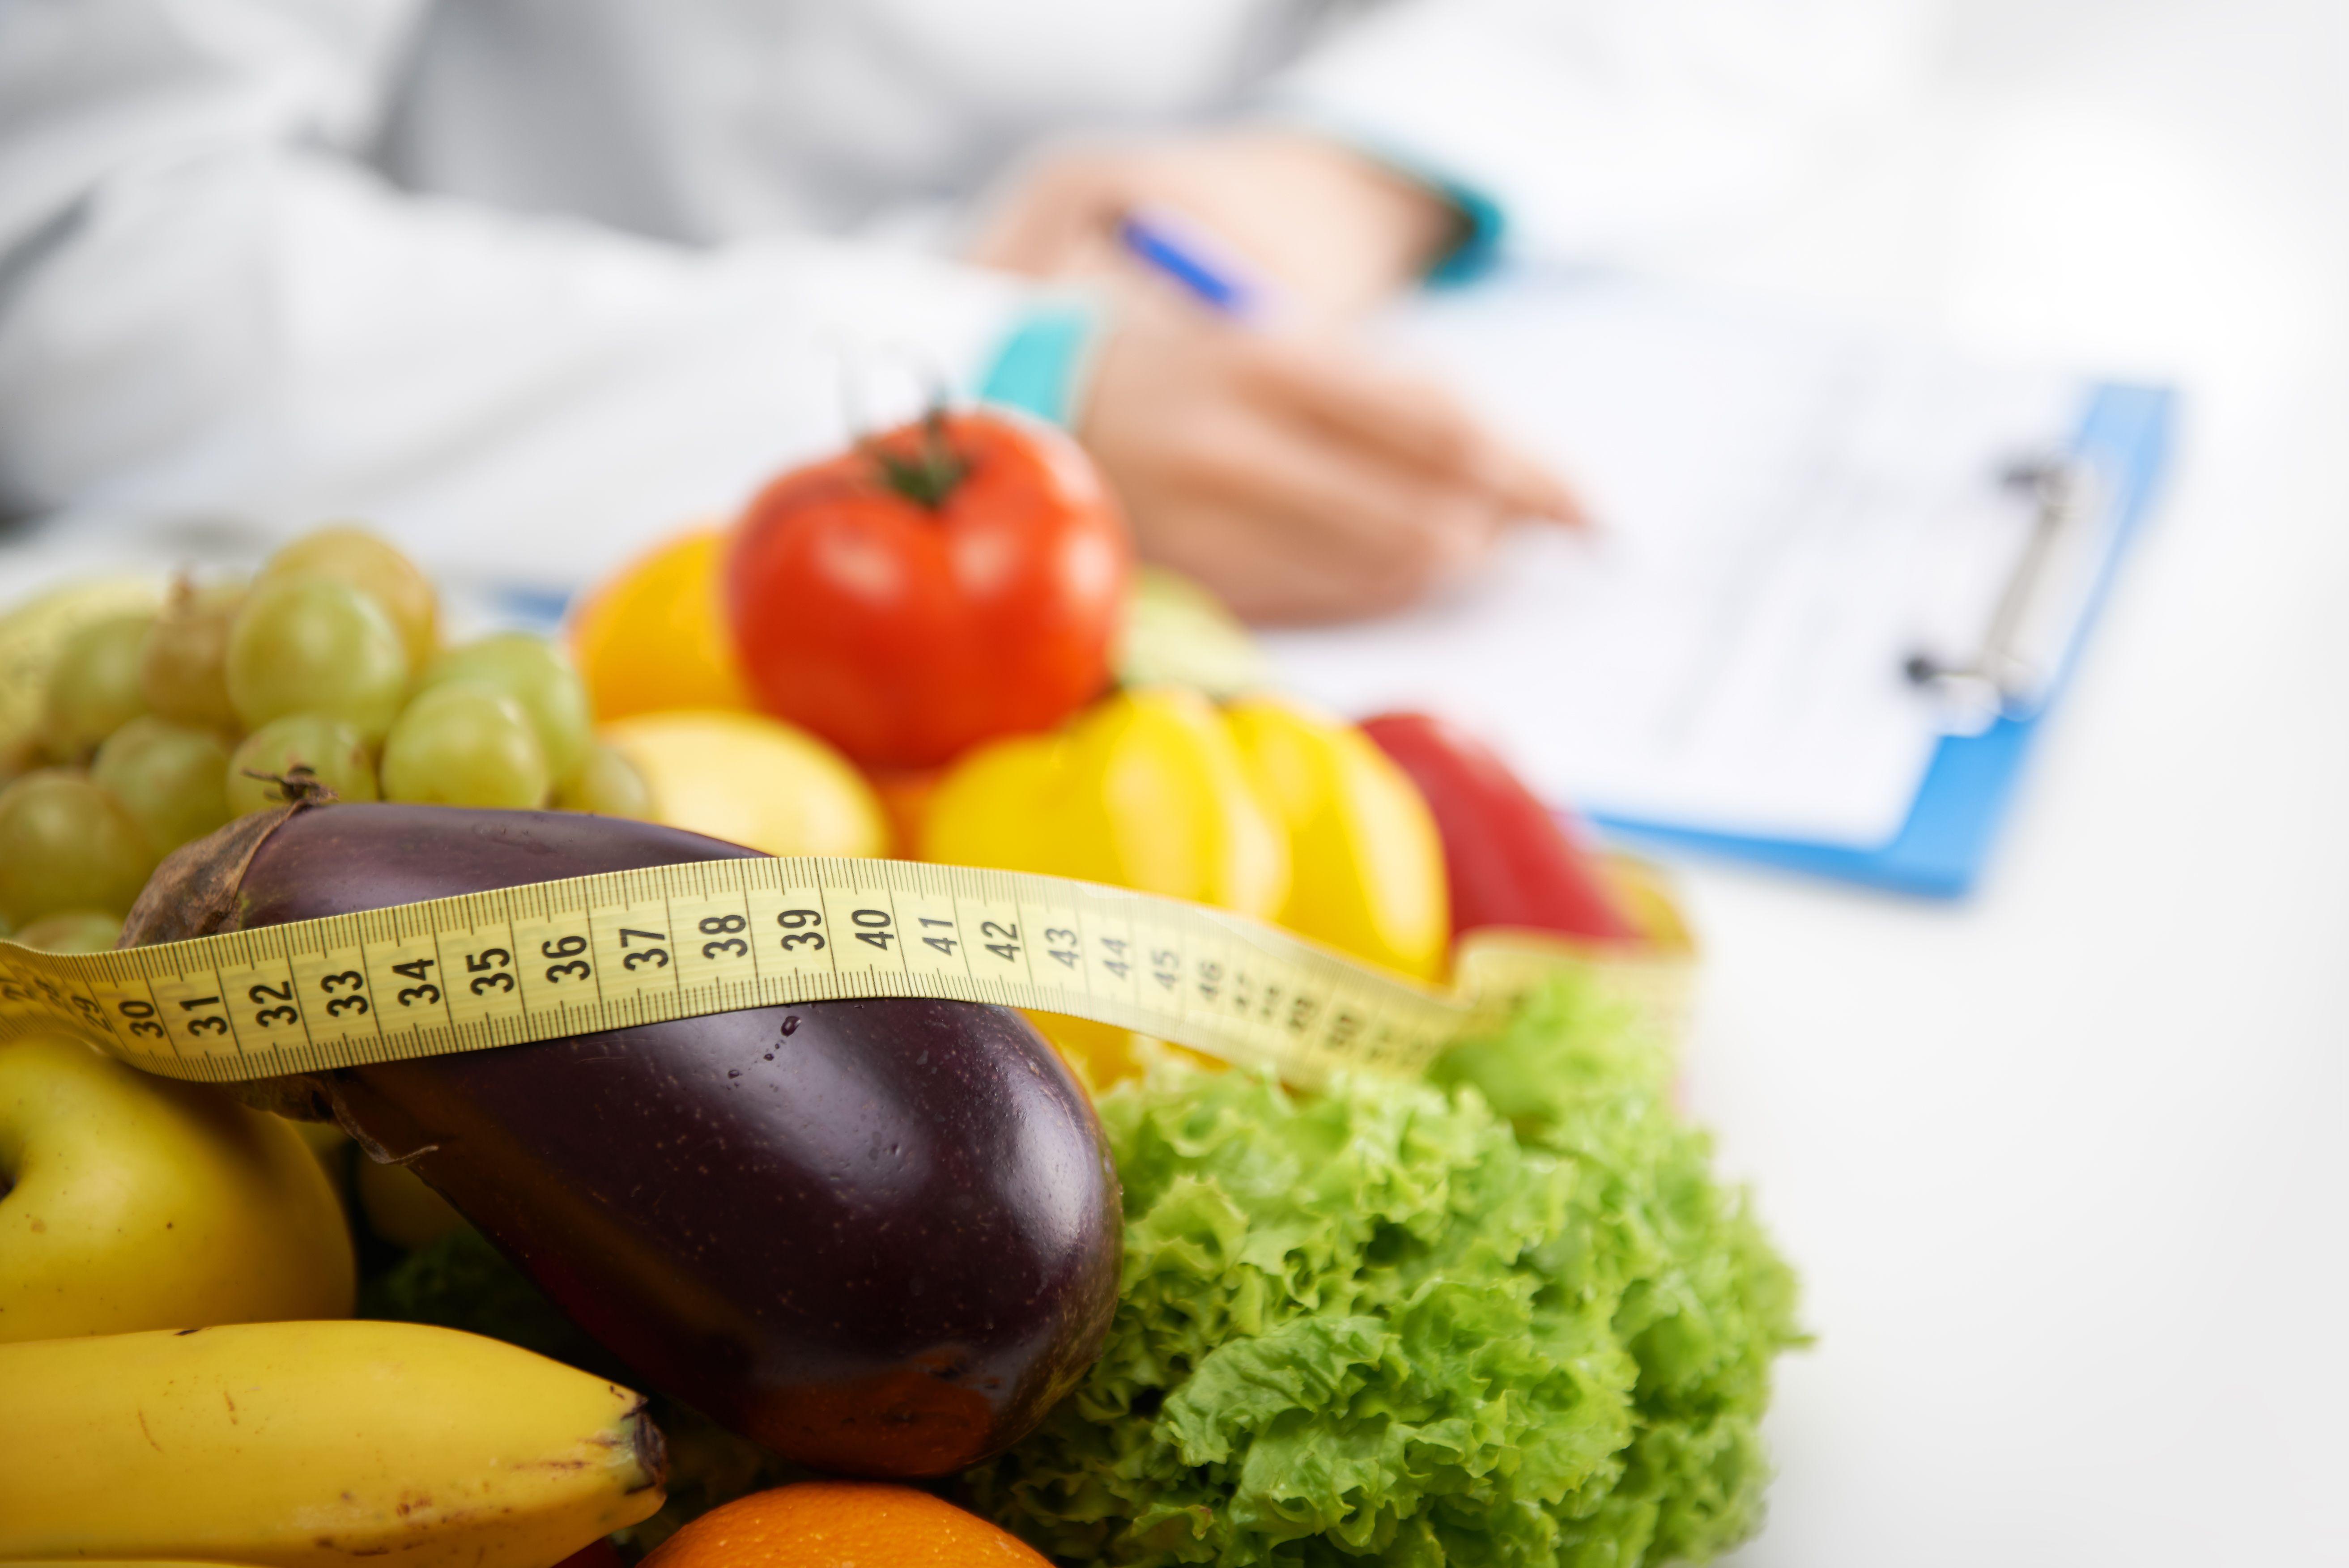 La medicina integrativa es útil para intolerancias alimenticias